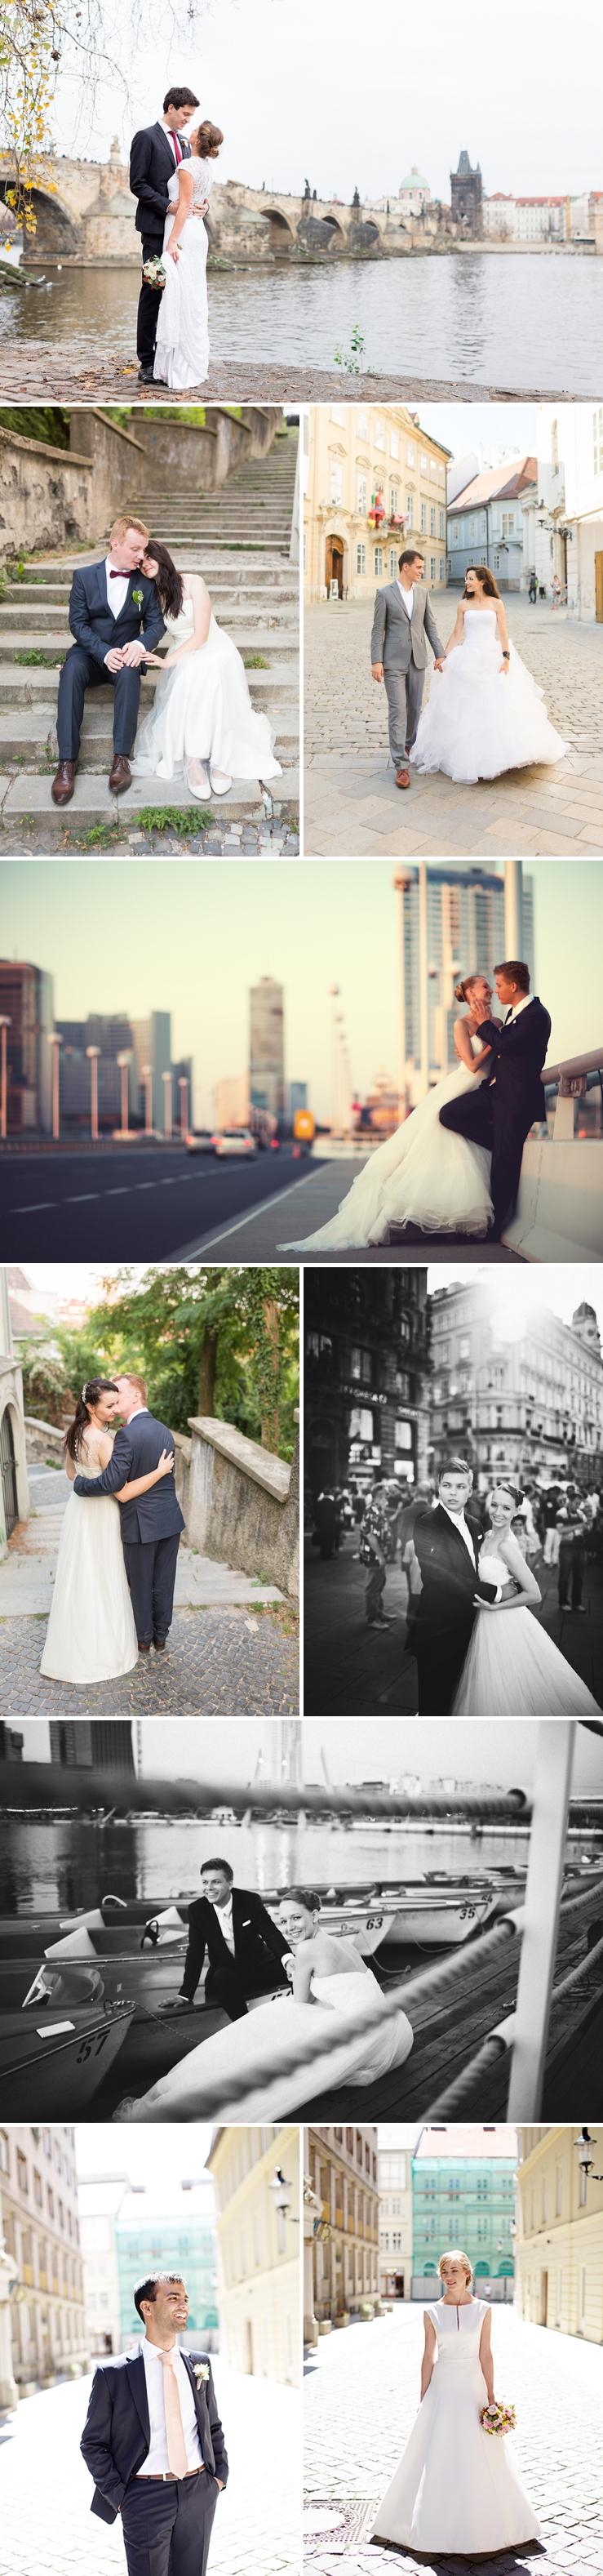 Perfect Day, svadba, slovensko, kde fotit svadobne portrety_0035